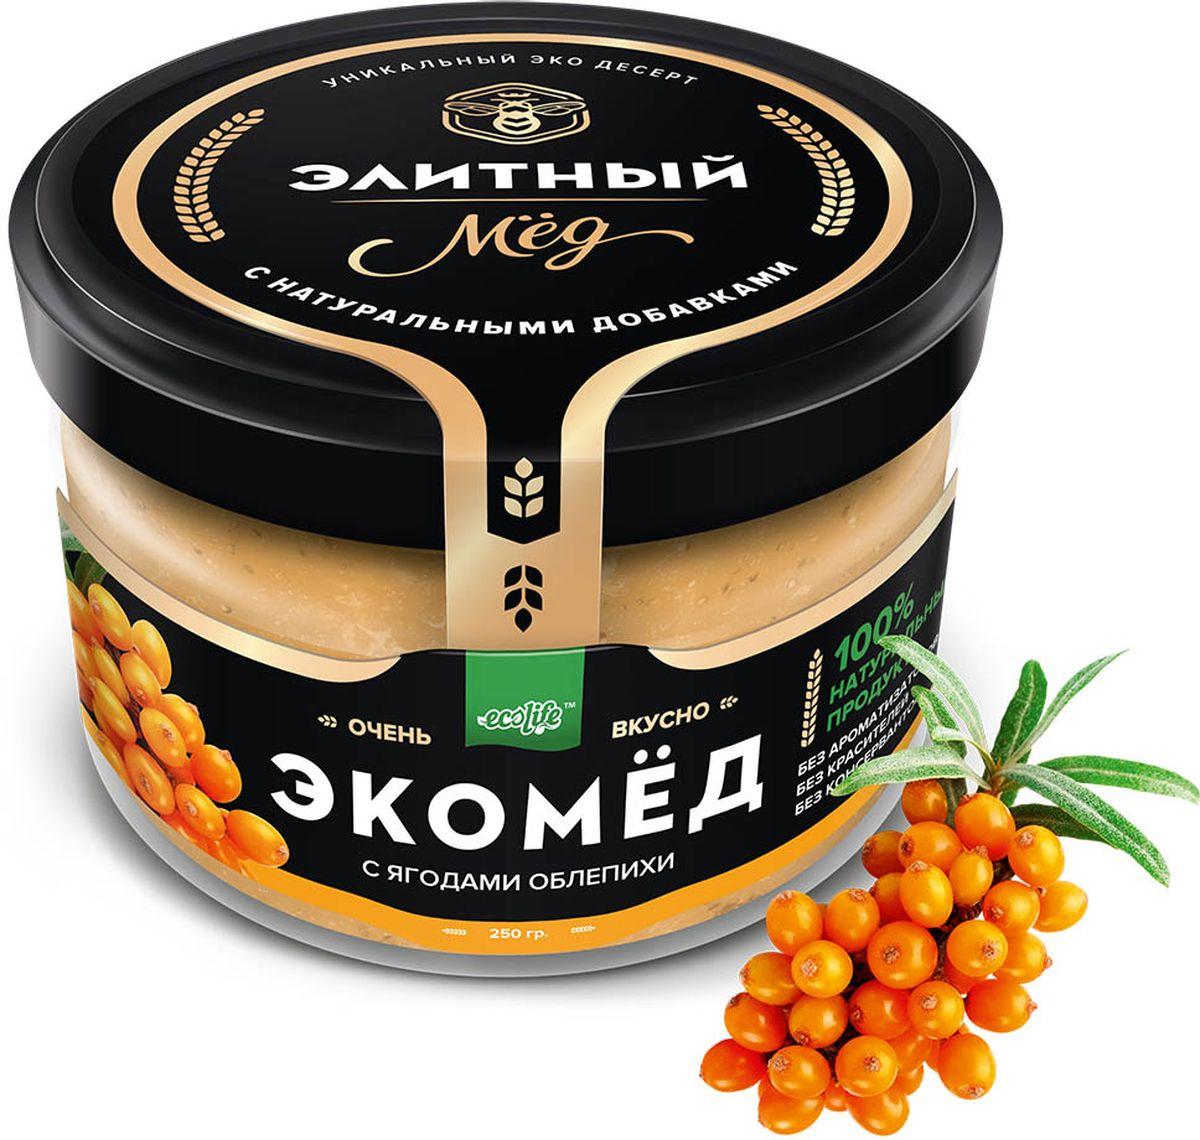 Ecolife Экомед с облепихой, 250 г0120710100% натуральный экопродукт, имеющий в составе только натуральные ингредиенты. При изготовлении не используется дешевый подсолнечный мёд. Мед не нагревается, сохраняются все его полезные свойства. Экомёд не имеет эффекта расслаивания.